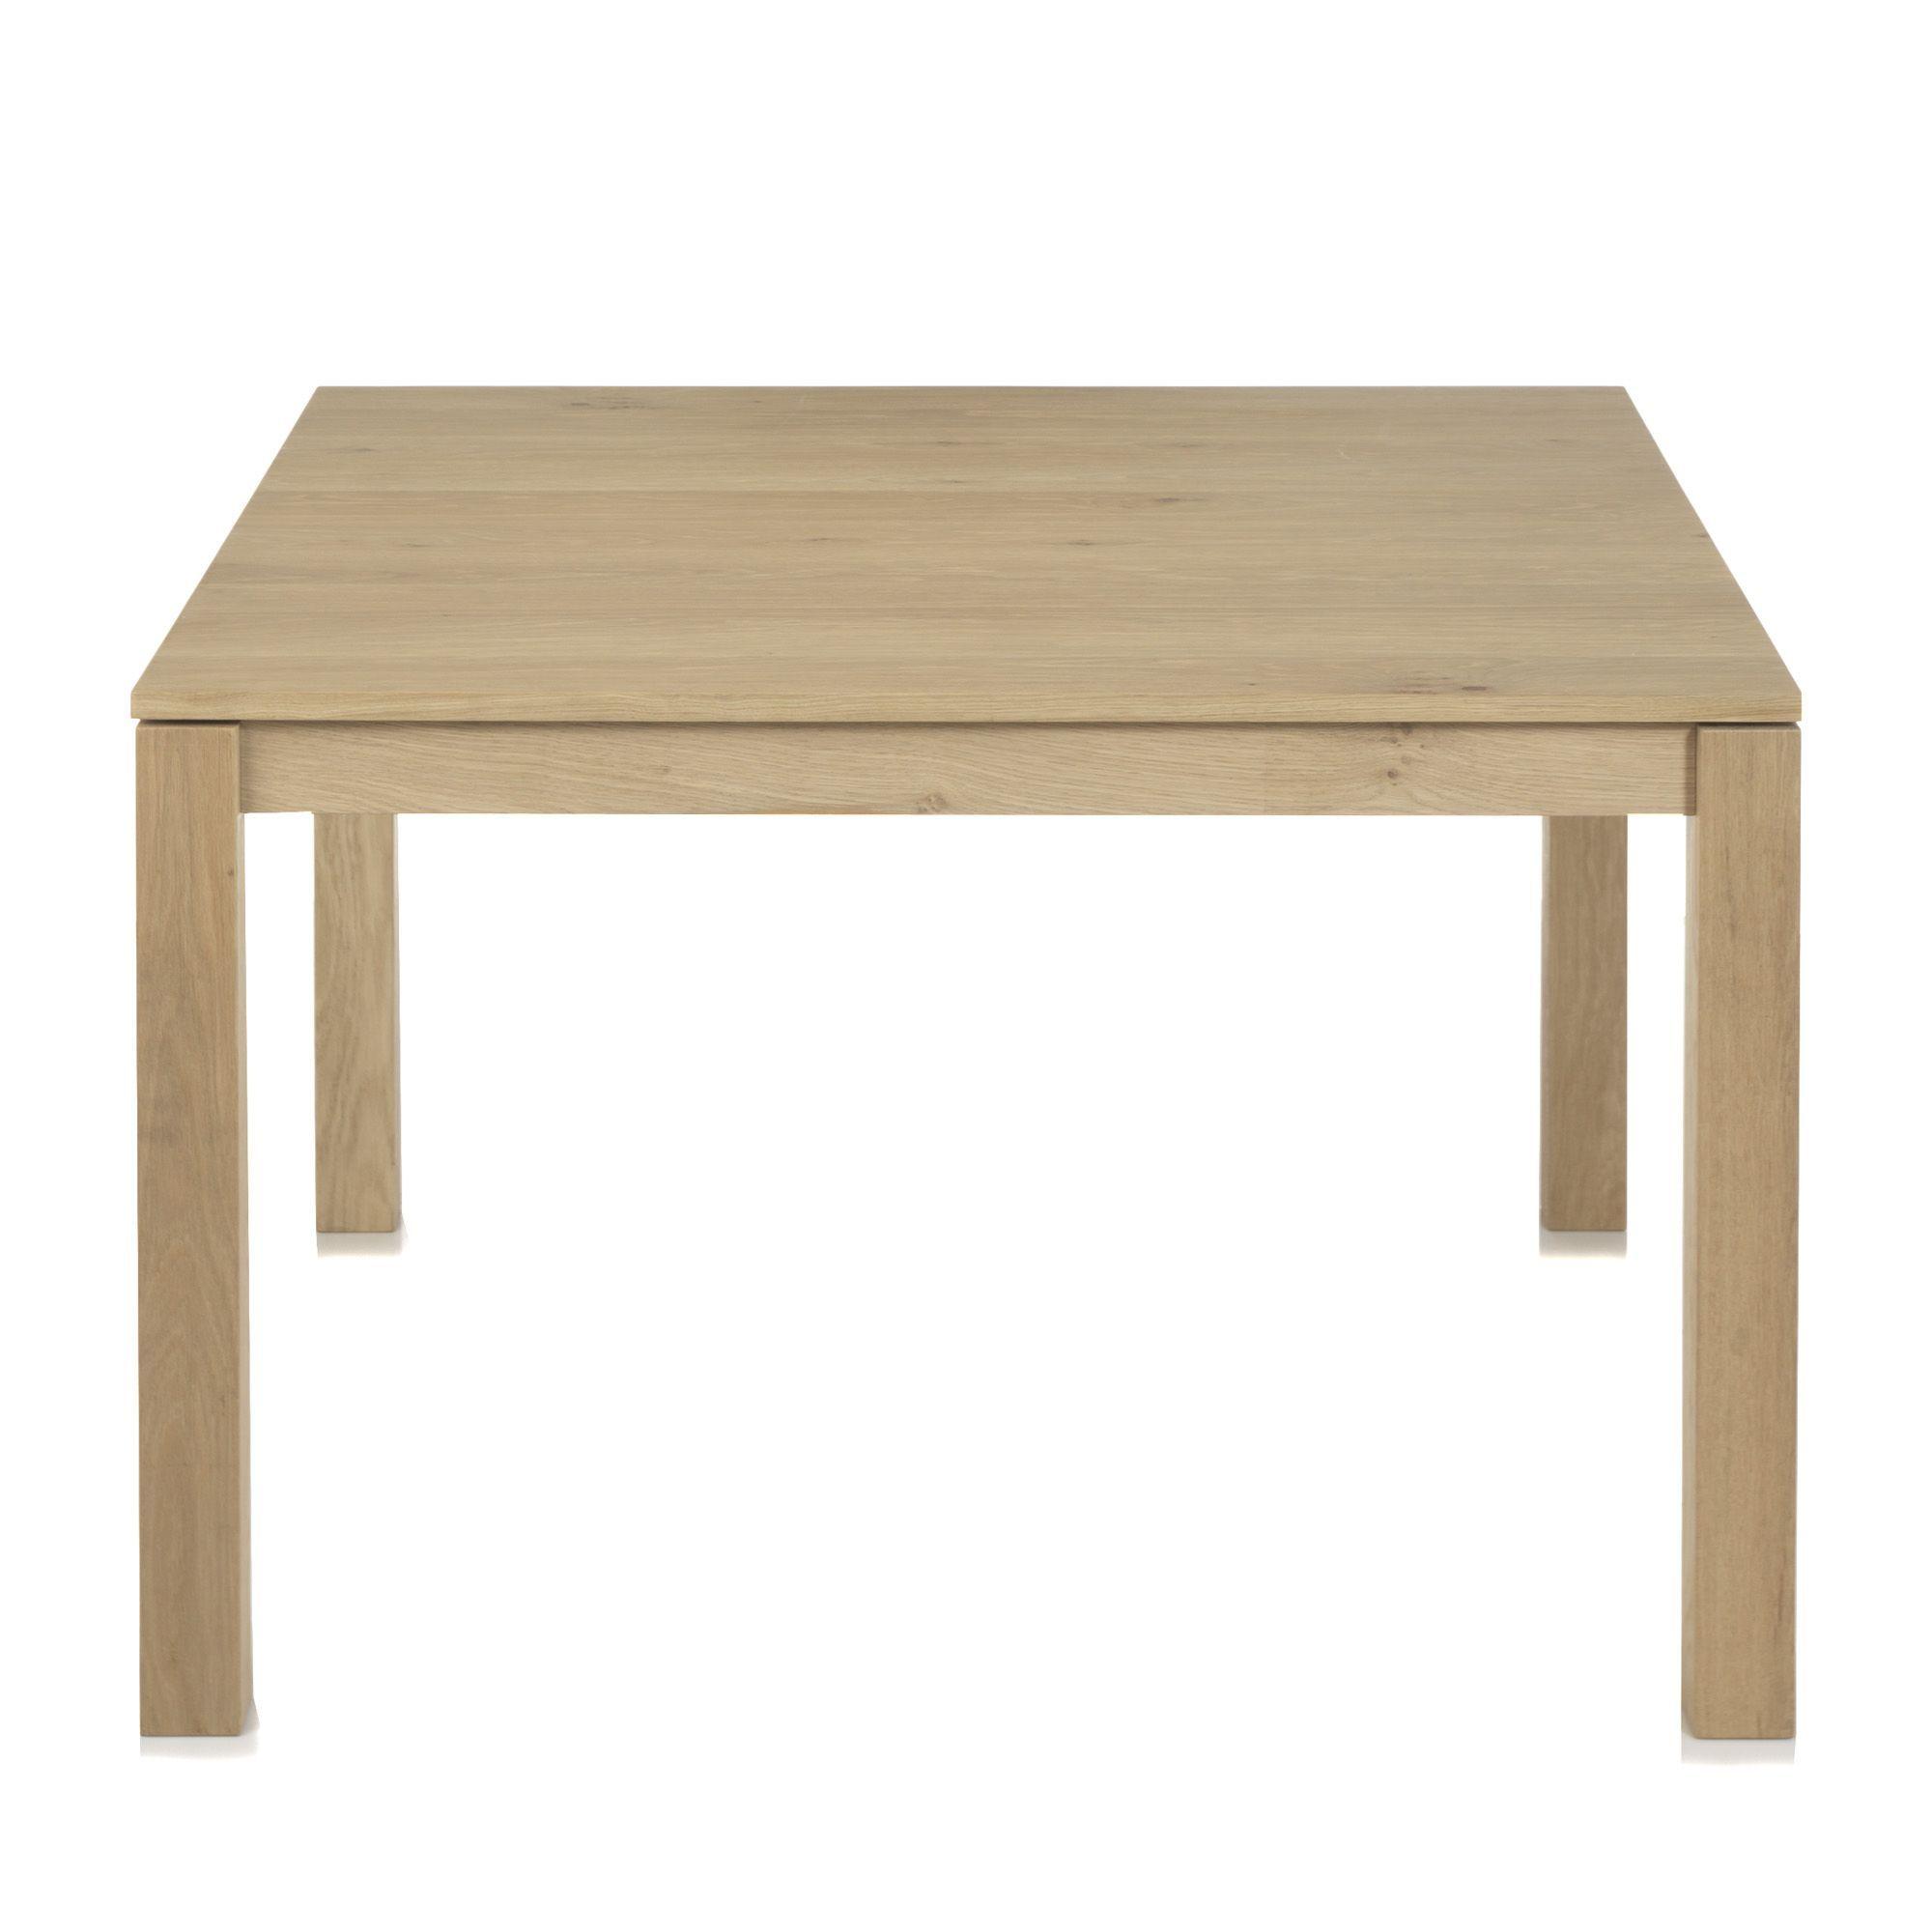 0d03f566a4a60413d6ac54e3fa230471 Unique De Nappe Pour Table Basse Schème